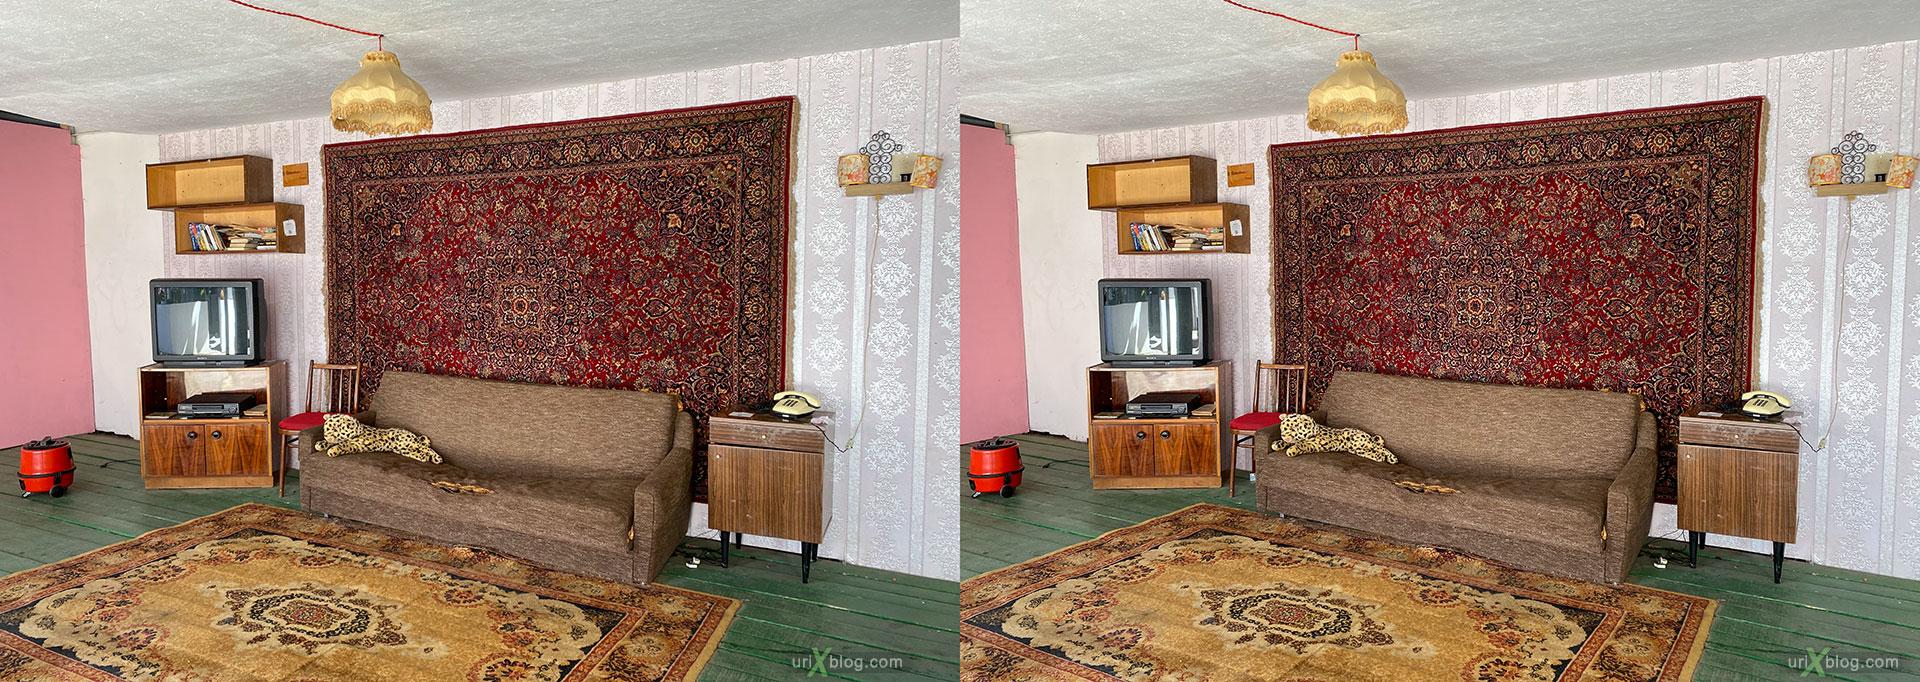 soviet, room, carpet, instastreet, Izmailovi, vernissage, kremlin, Moscow, Russia, 3D, stereo pair, cross-eyed, crossview, cross view stereo pair, stereoscopic